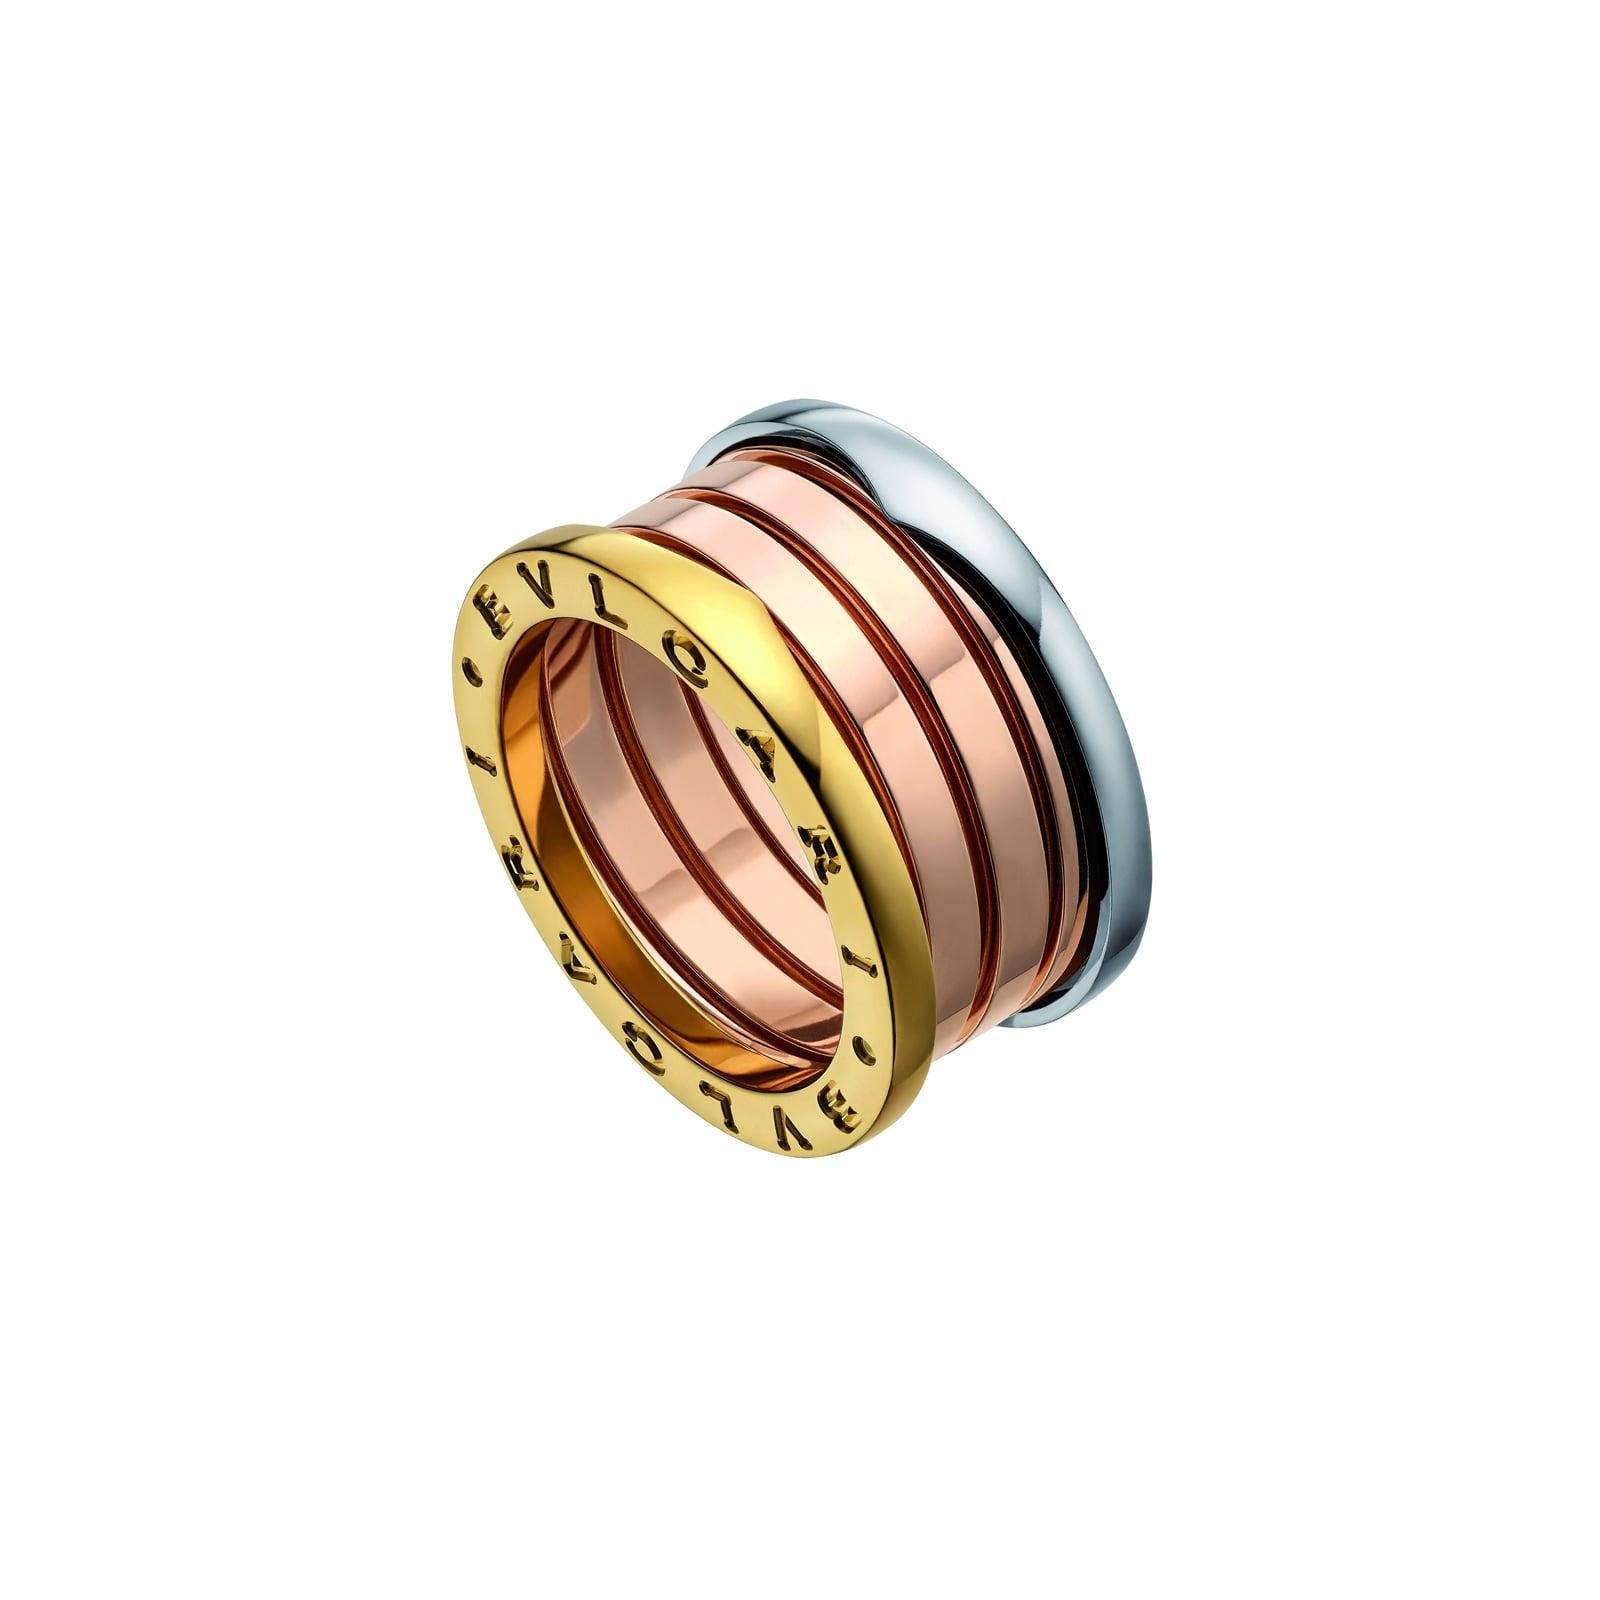 493fb50ce3a Bulgari B.Zero1 ring - Lionel Meylan Vevey